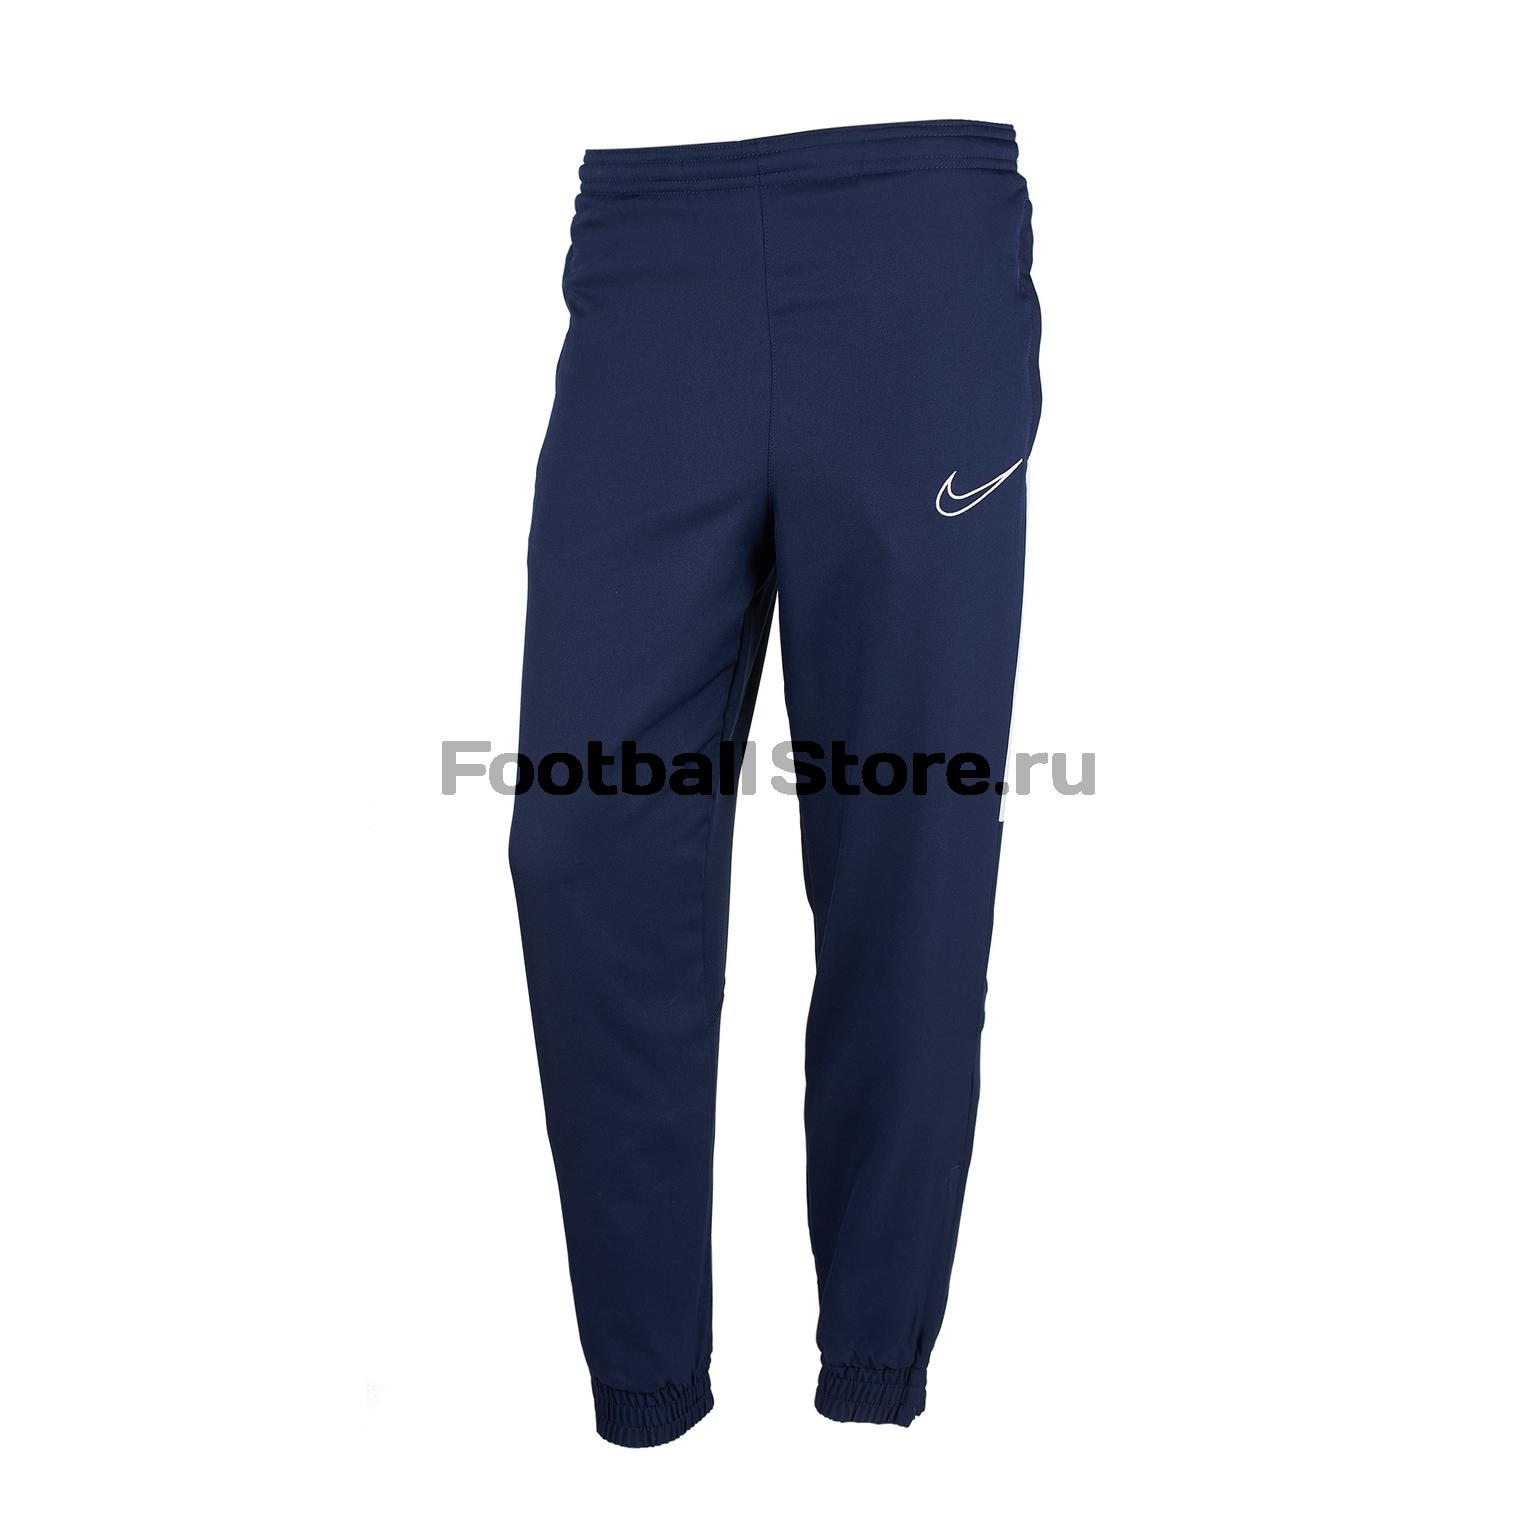 Брюки тренировочные подростковые Nike Dry Academy19 Pant BV5840-451 брюки подростковые вратарские umbro gk padded pant 64596u